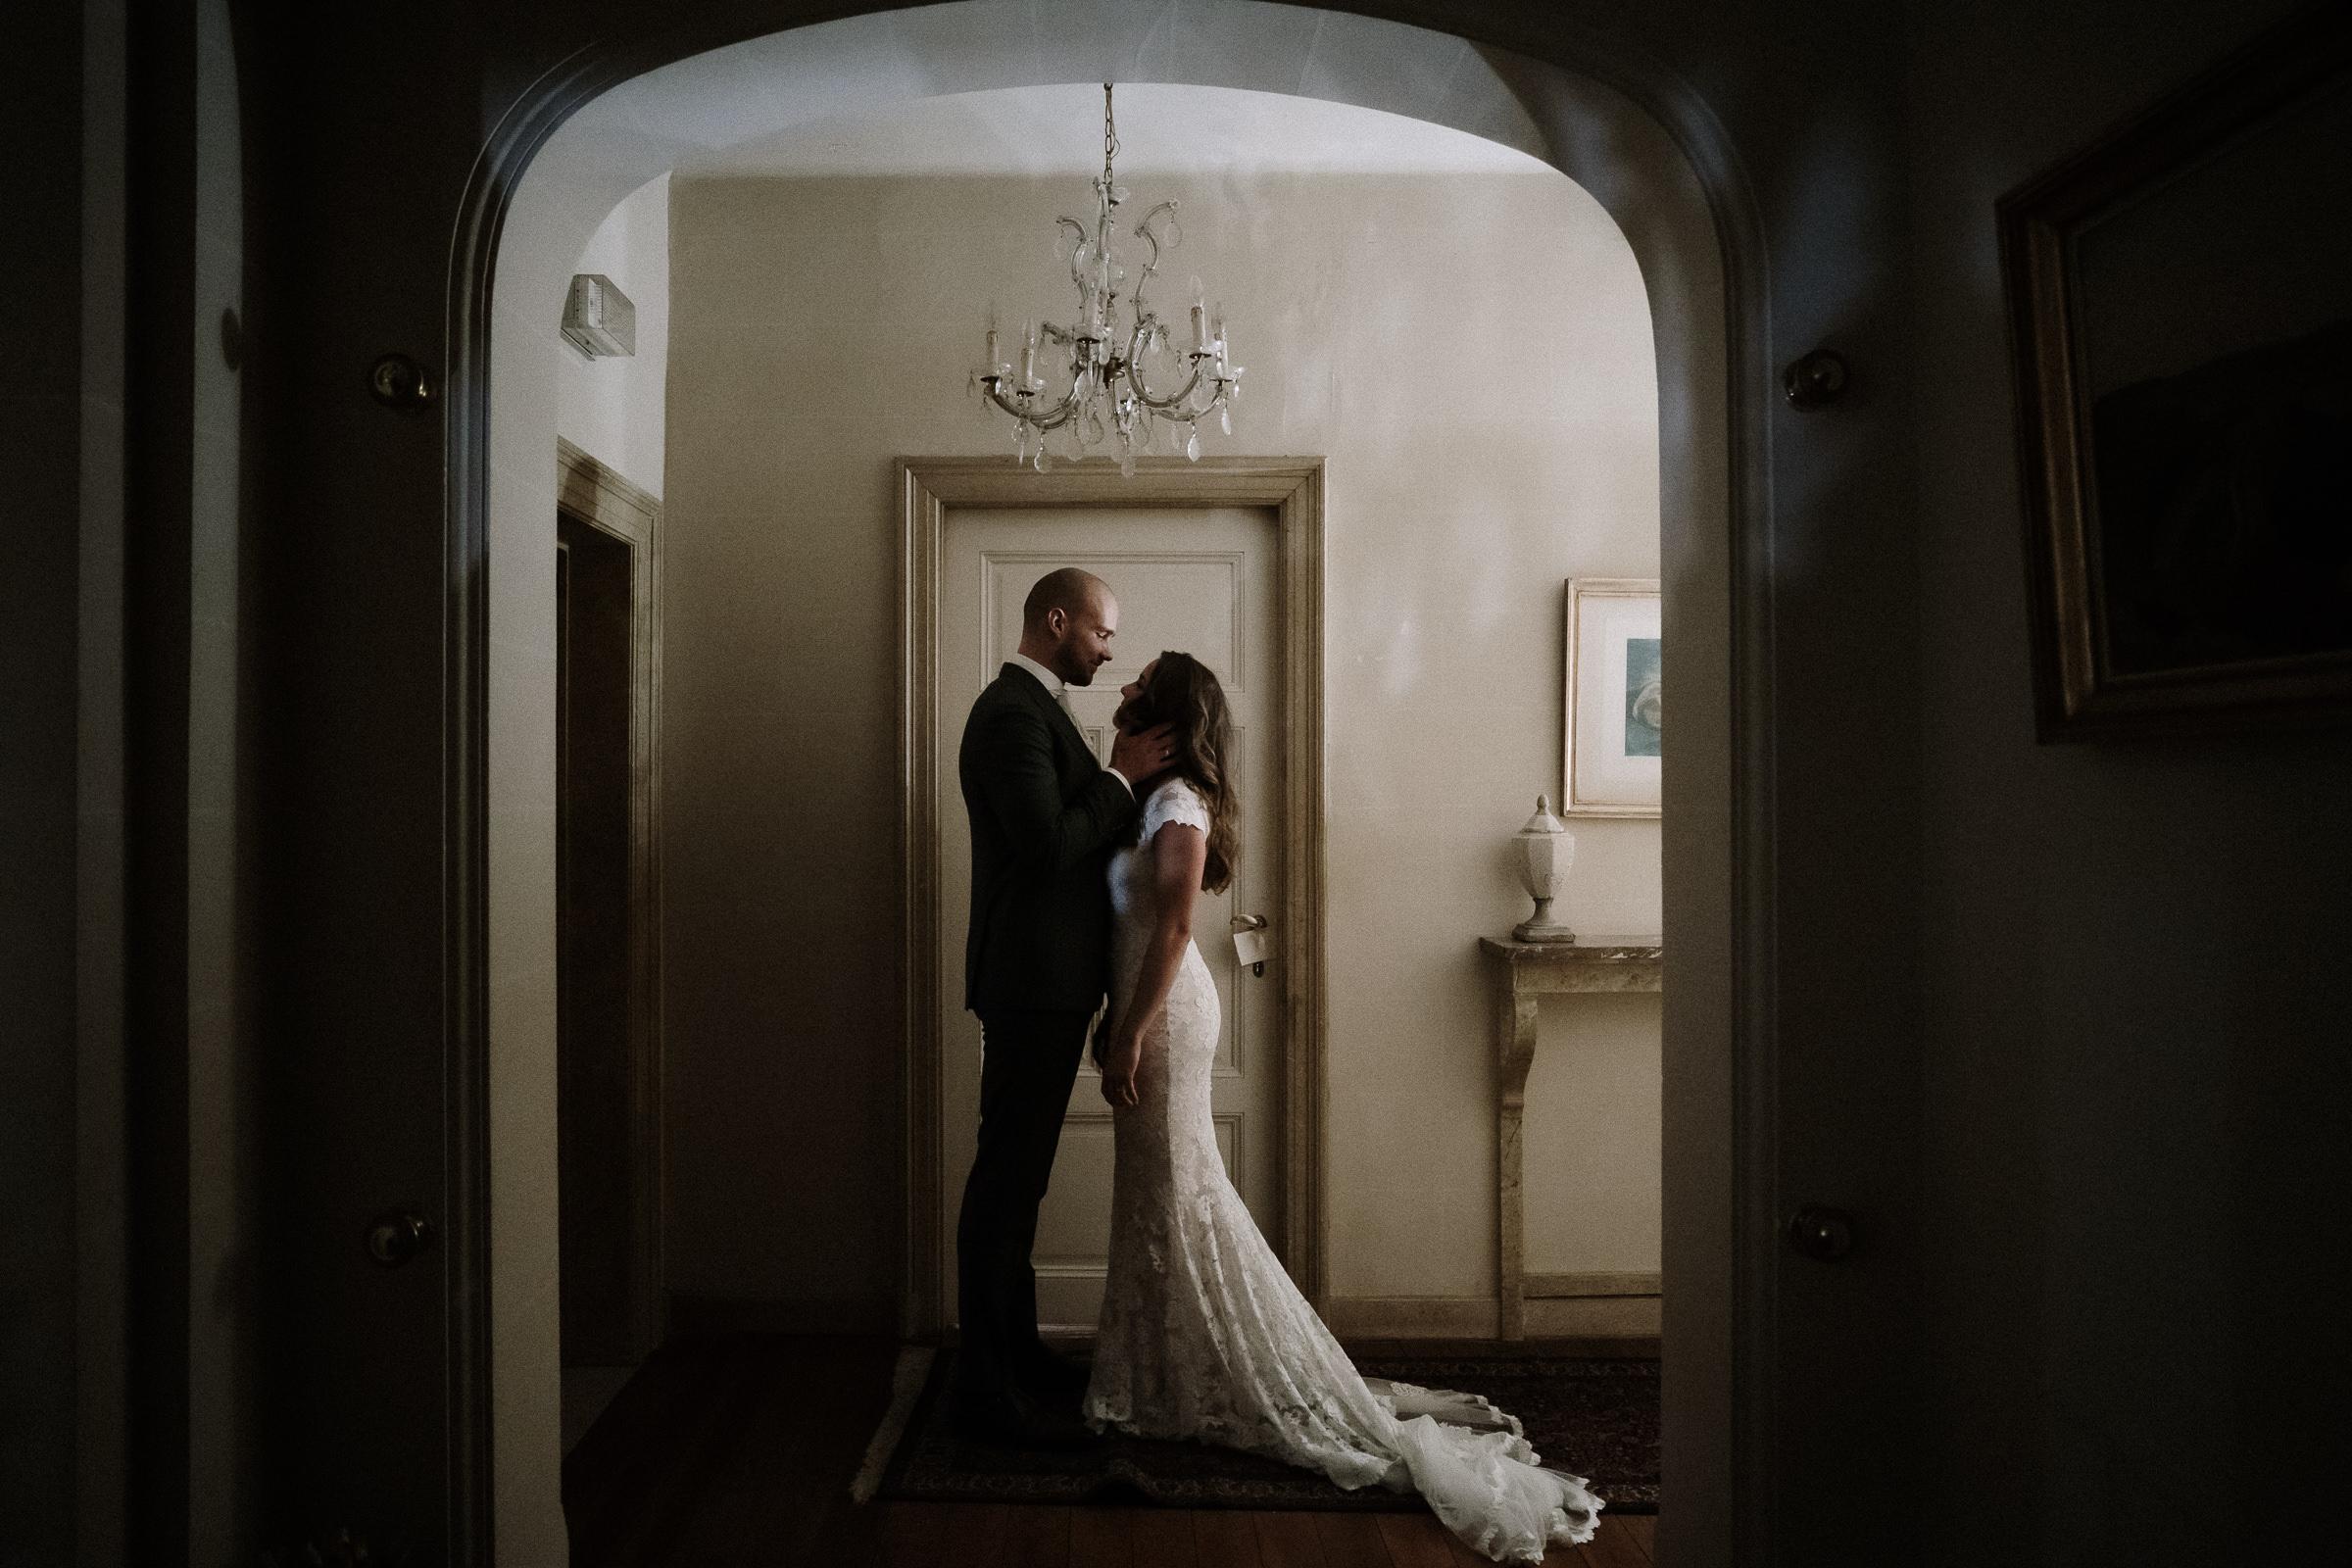 Profile of bride and groom in hallway - photo by Naomi van der Kraan